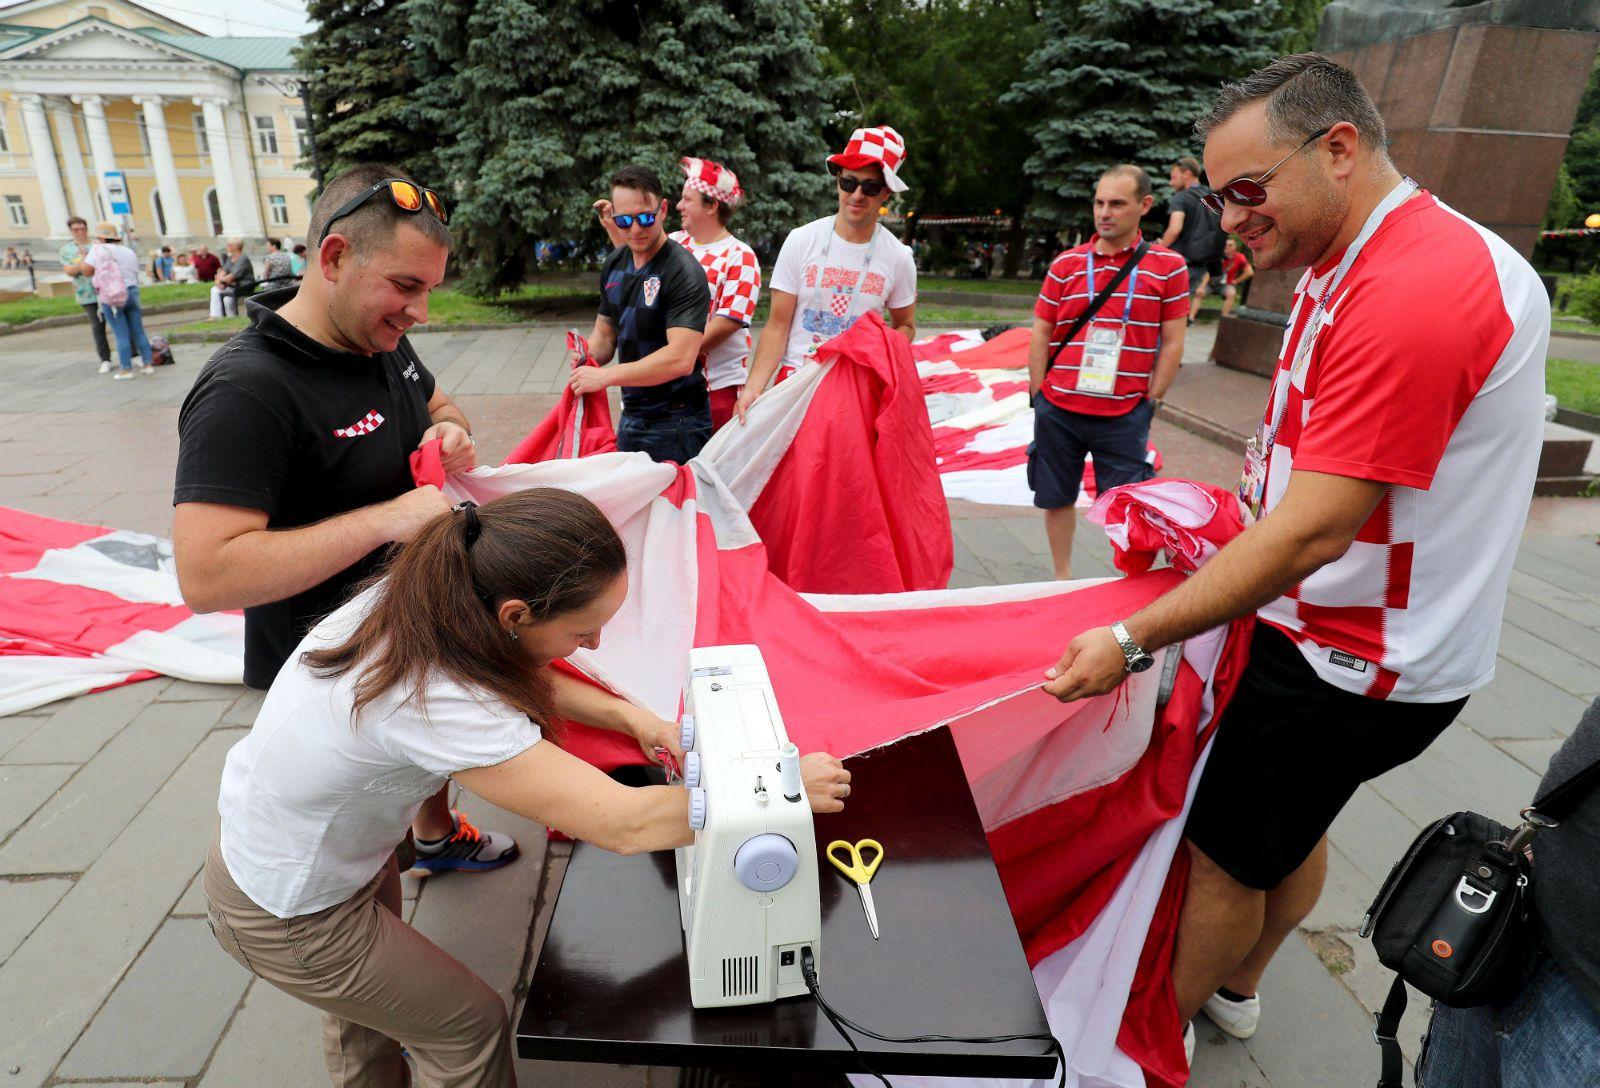 Hrvatska navijačka zastava i ruska krojačica priredili pravi spektakl u Nižnjem Novgorodu 2